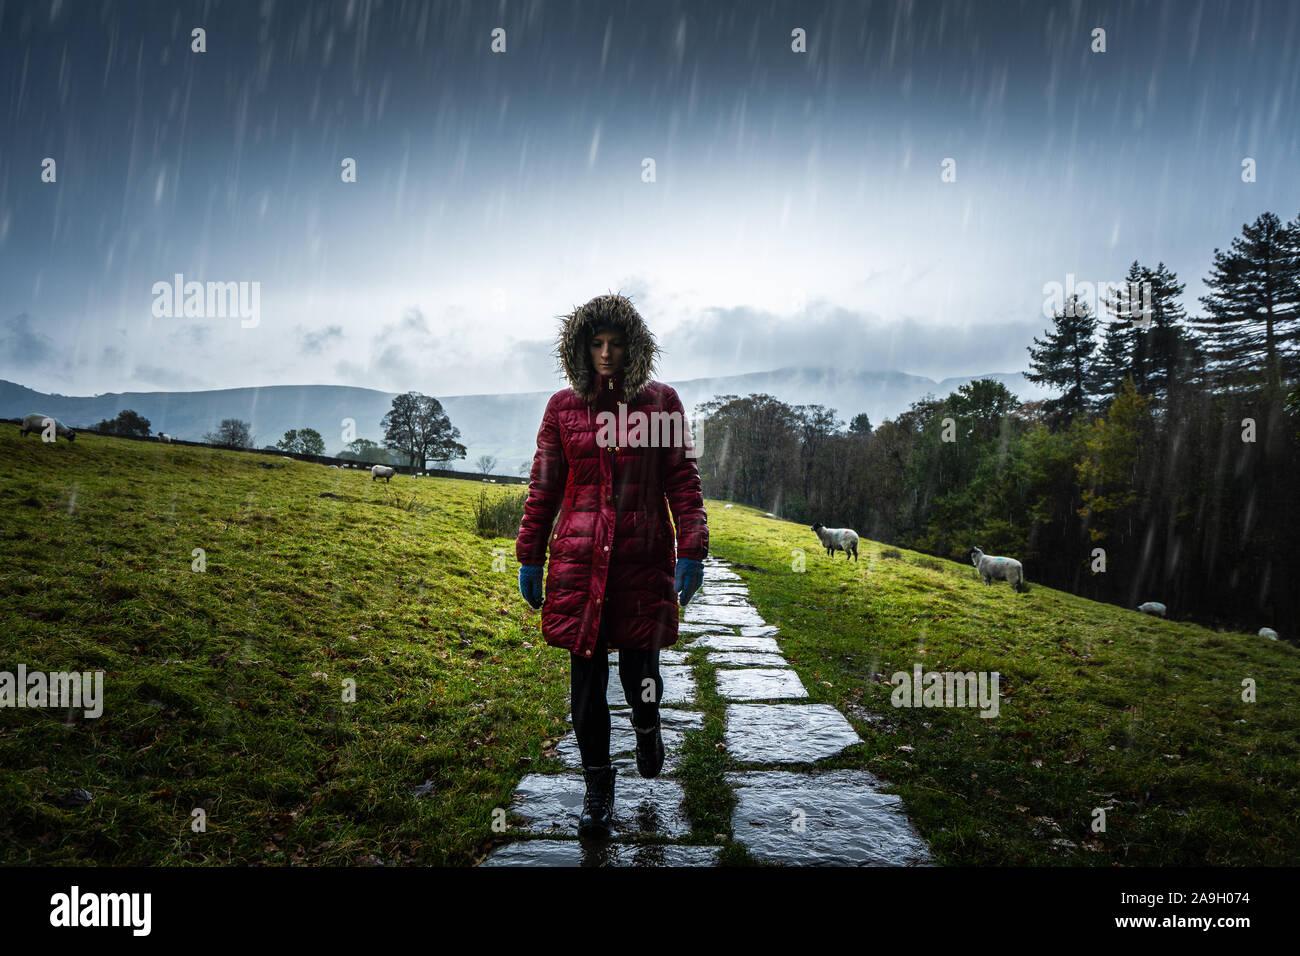 Une jeune femme, randonneur, l'ascension d'une montagne à l'hiver froid pluie dans le Derbyshire Peak District National Park, saison d'hiver dans la campagne britannique Banque D'Images